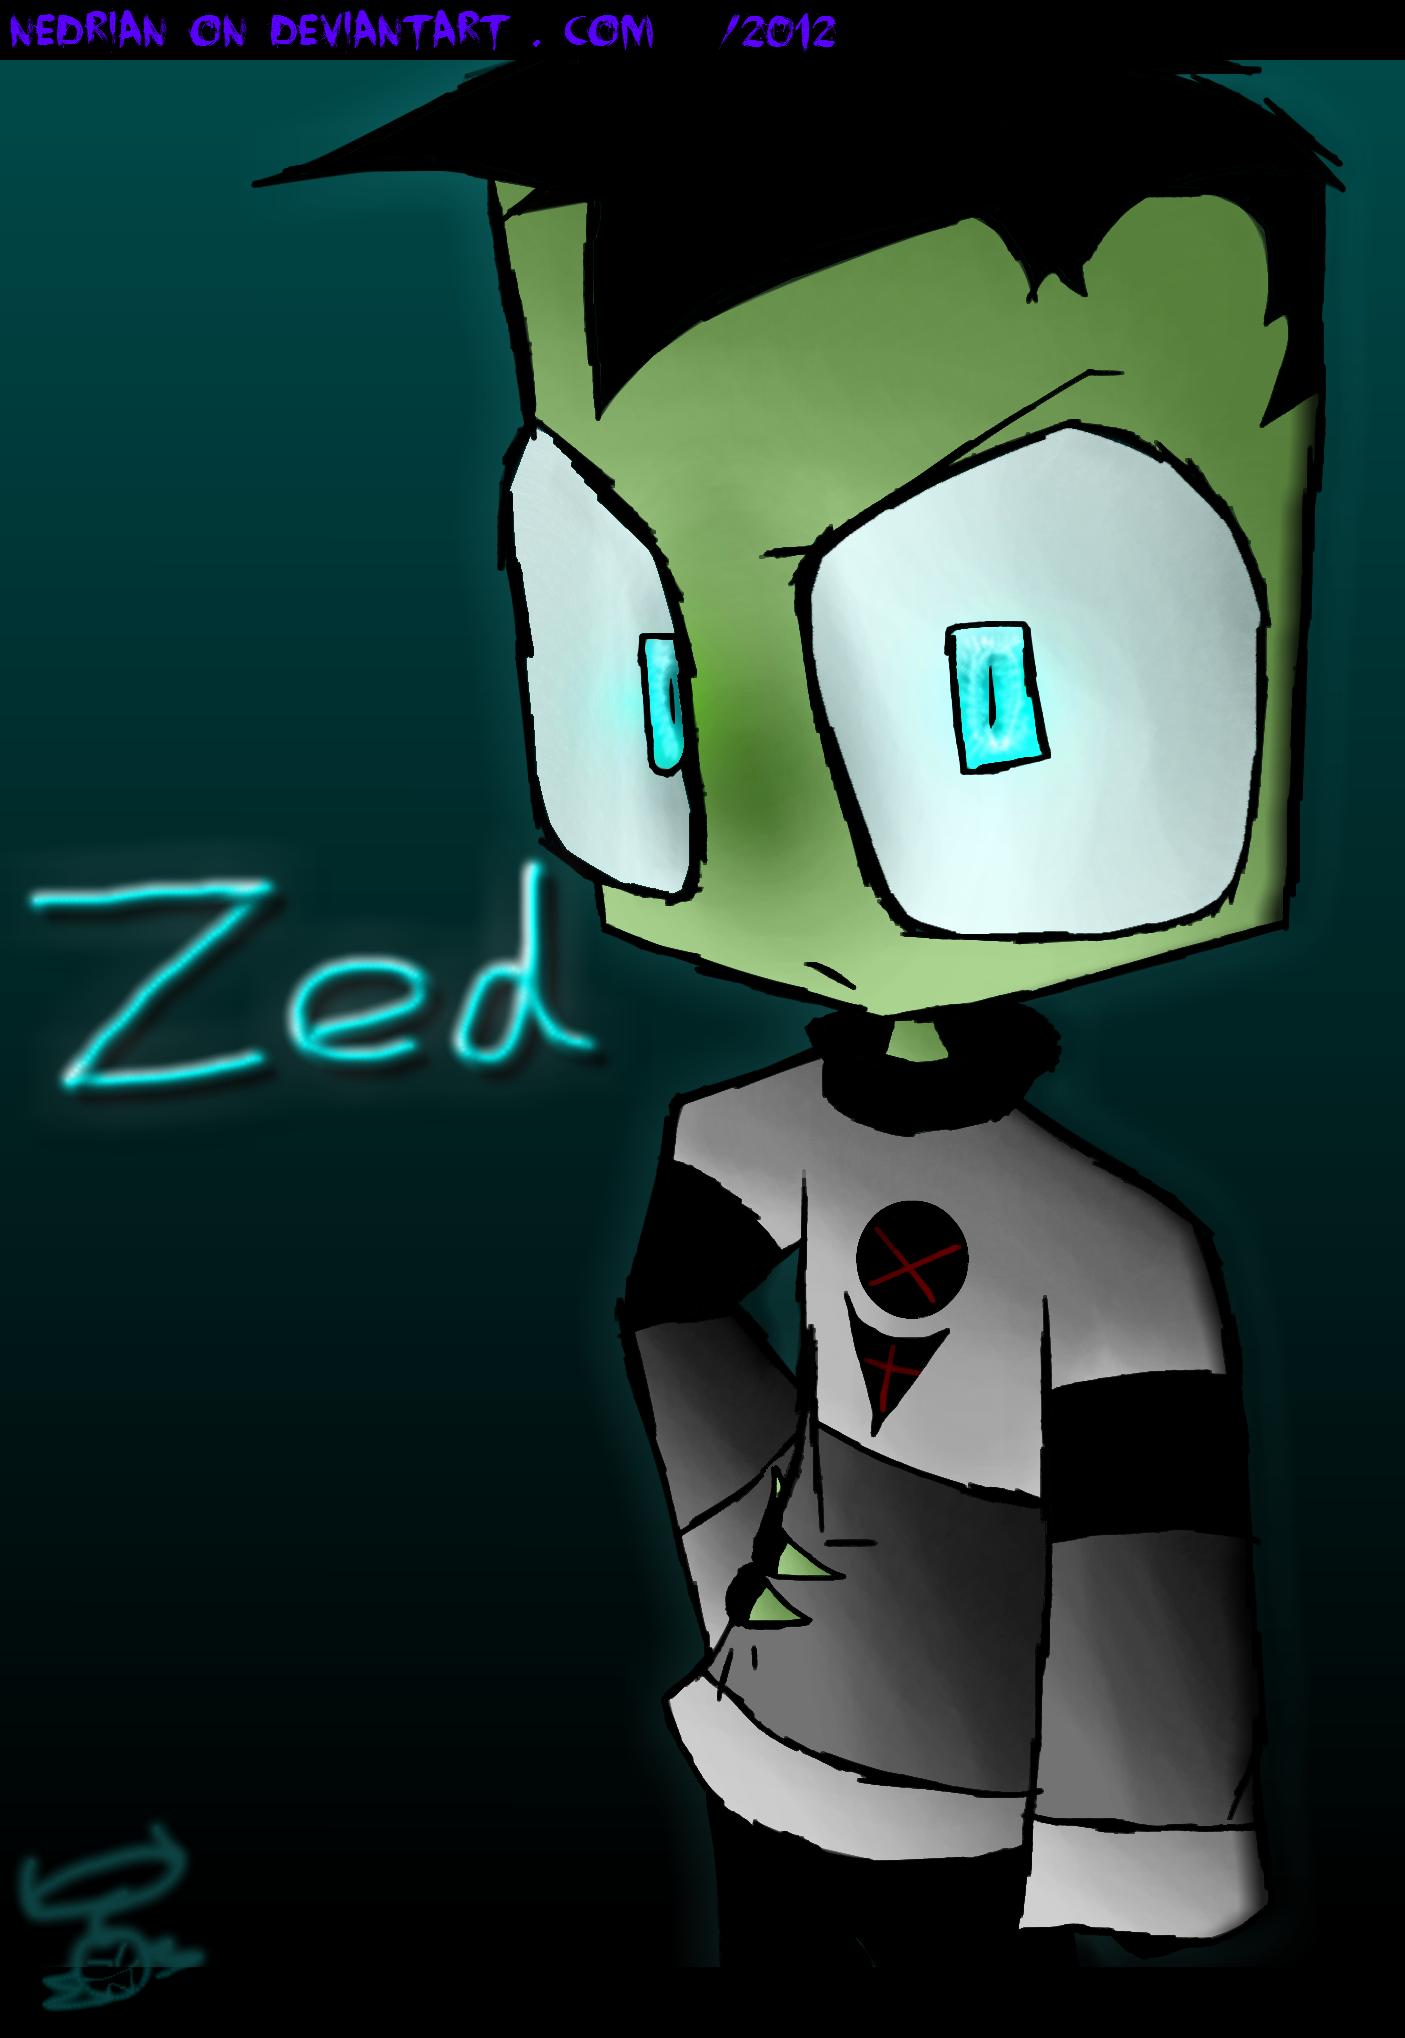 ___:Zed:___ poster by Nedrian